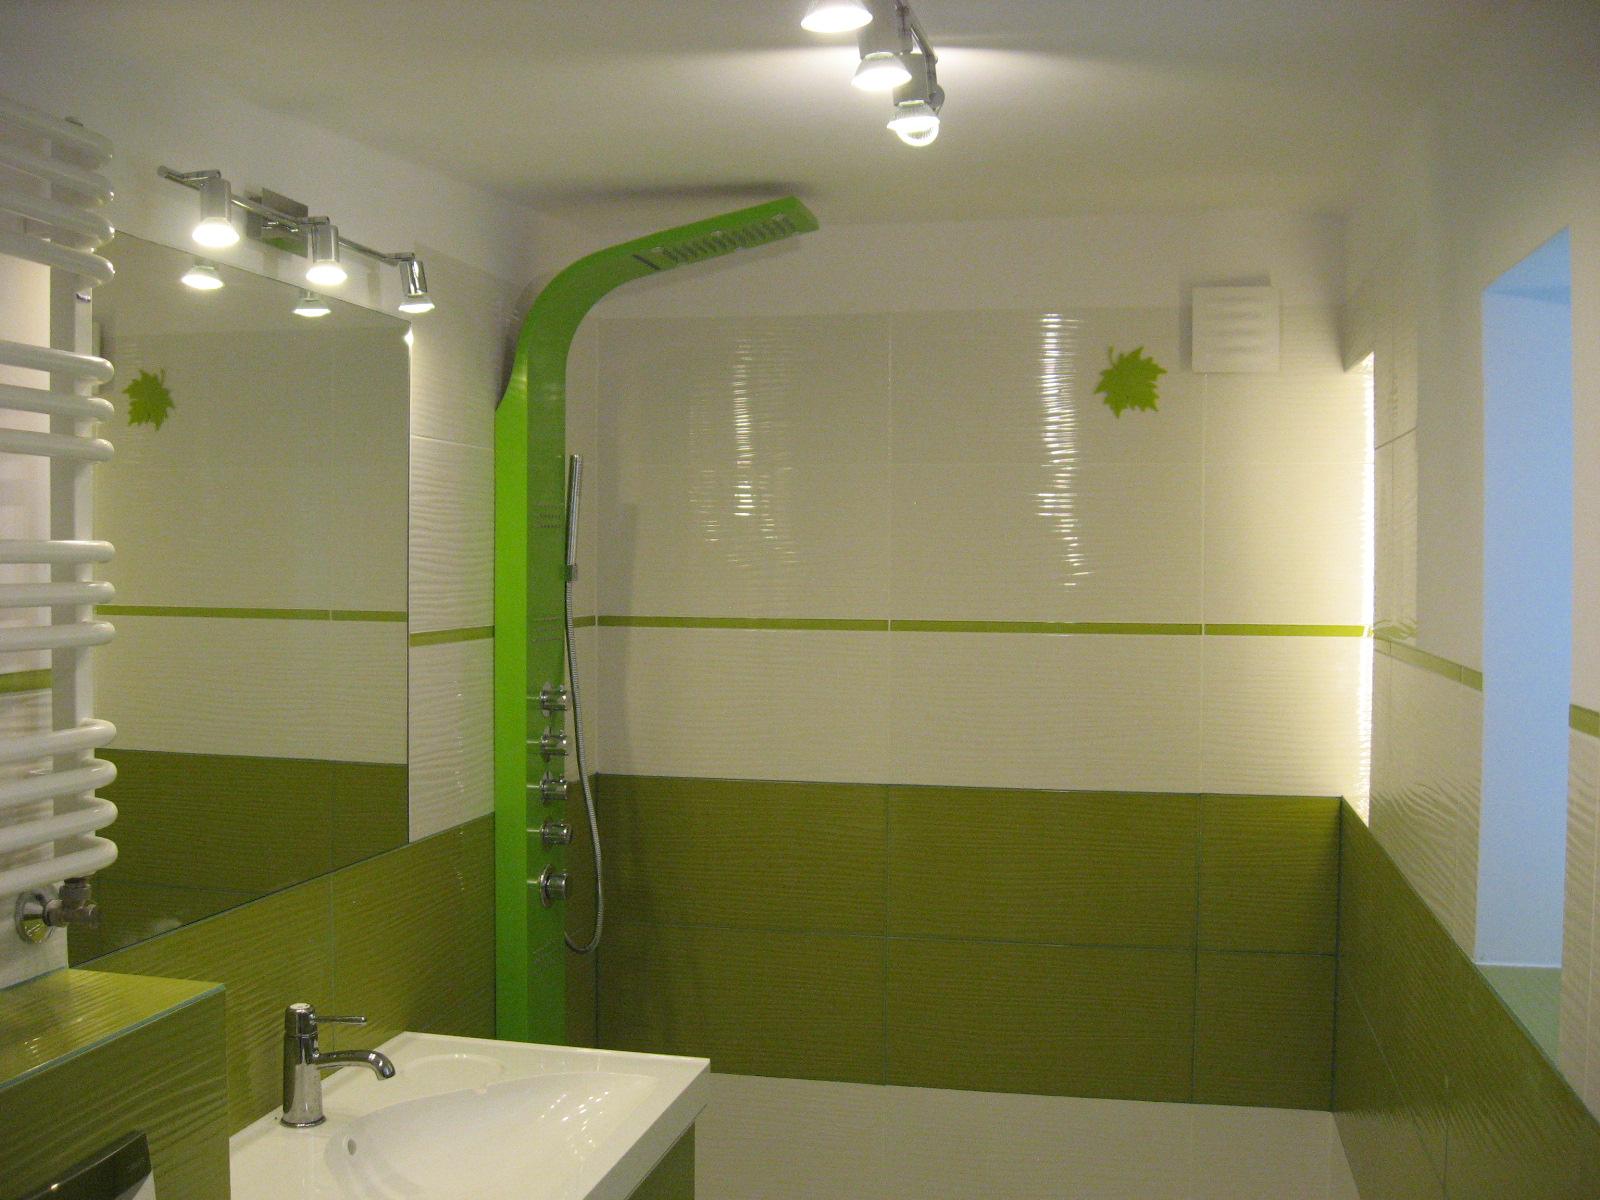 Łazienka -  remont